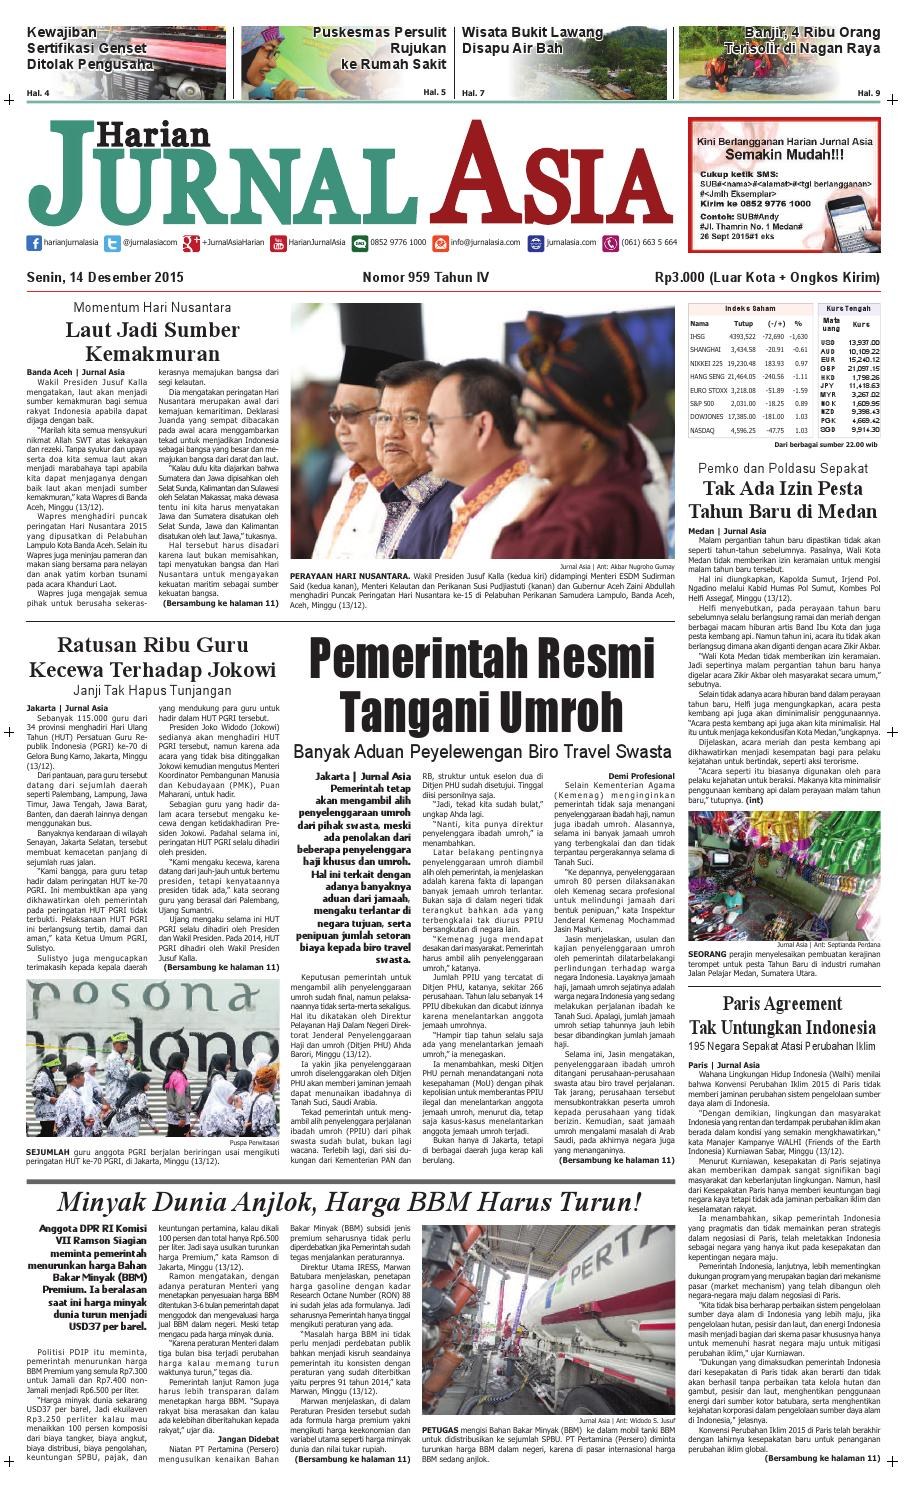 Harian Jurnal Asia Edisi Senin 14 Desember 2015 By Produk Ukm Bumn Chesse Pie Khas Balikpapan Medan Issuu